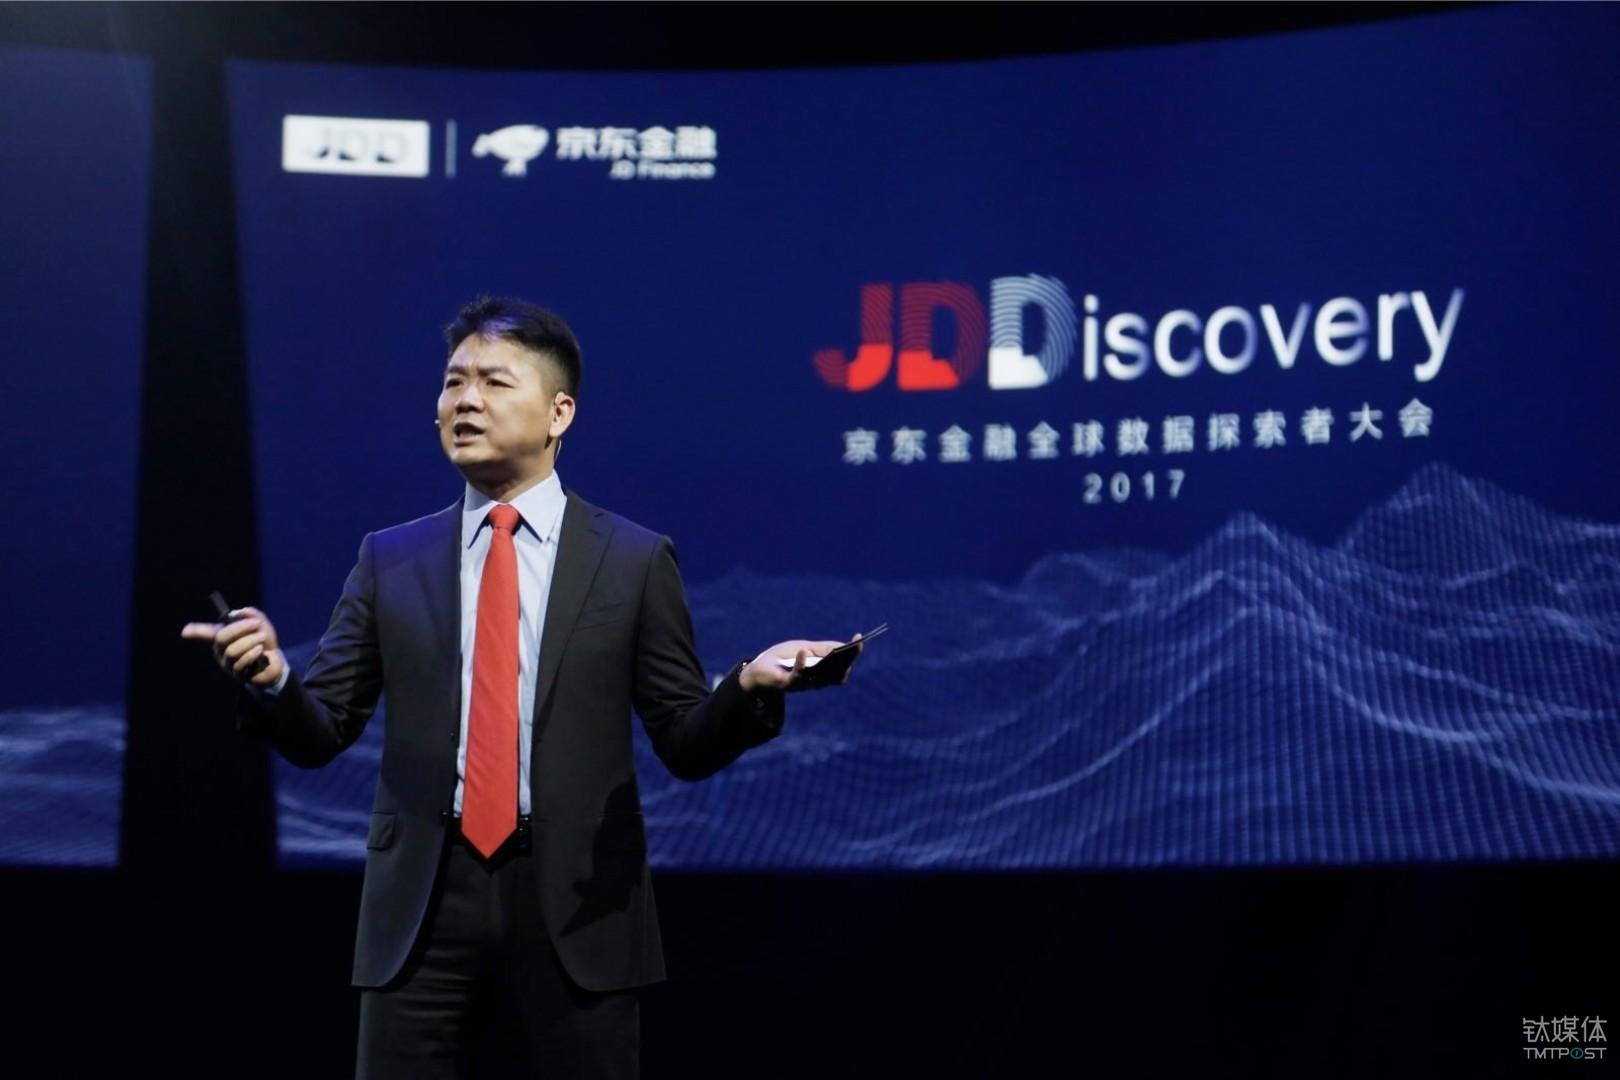 刘强东:京东永远不会成为一个帝国,而要成为生态系统的一部分